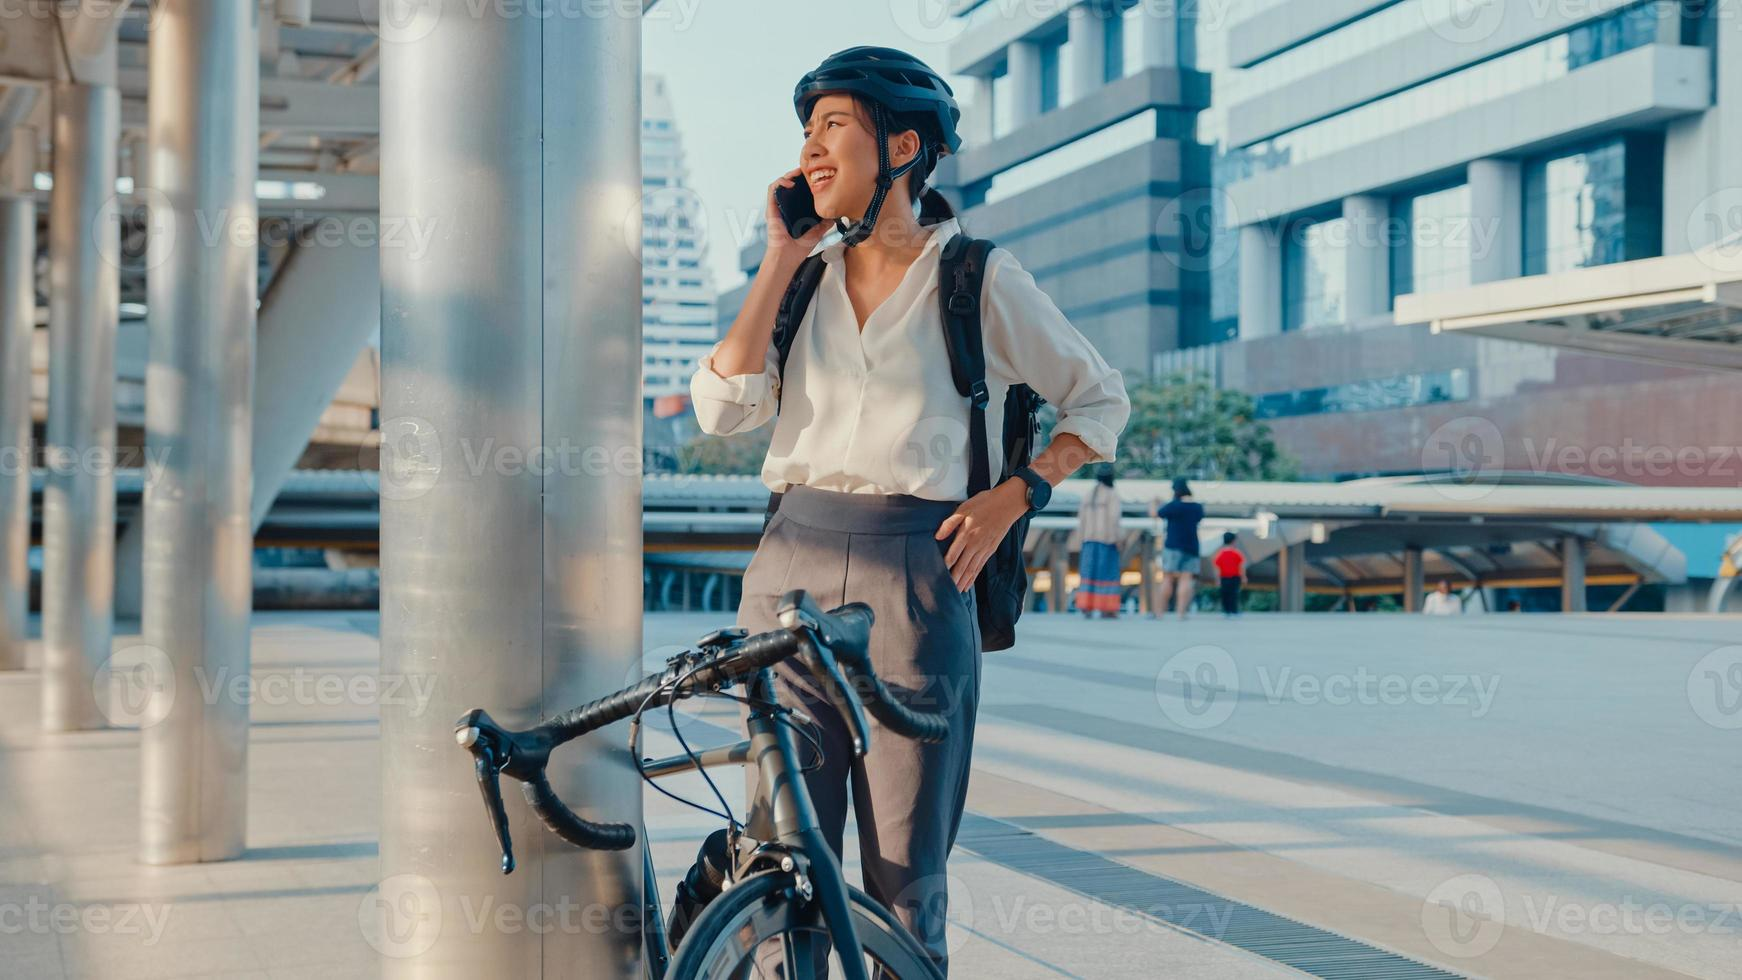 asiatisk affärskvinna med ryggsäck plocka upp mobiltelefon prata leende klocka smartwatch i stadsgatan jobba på kontoret. sportflicka använder telefonaffärer. pendla till jobbet med cykel, affärspendlare i staden. foto